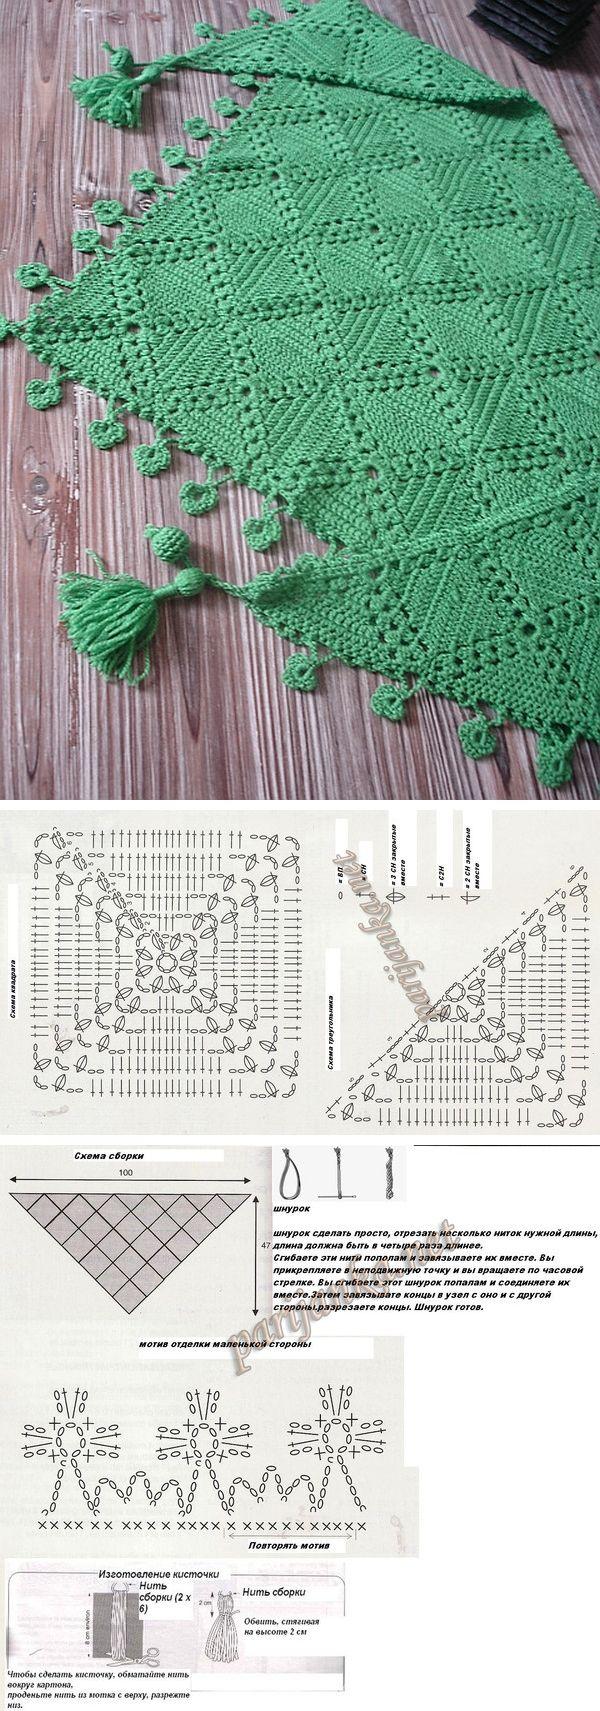 Mejores 328 imágenes de crochet en Pinterest | Ganchillo, Tejer y ...